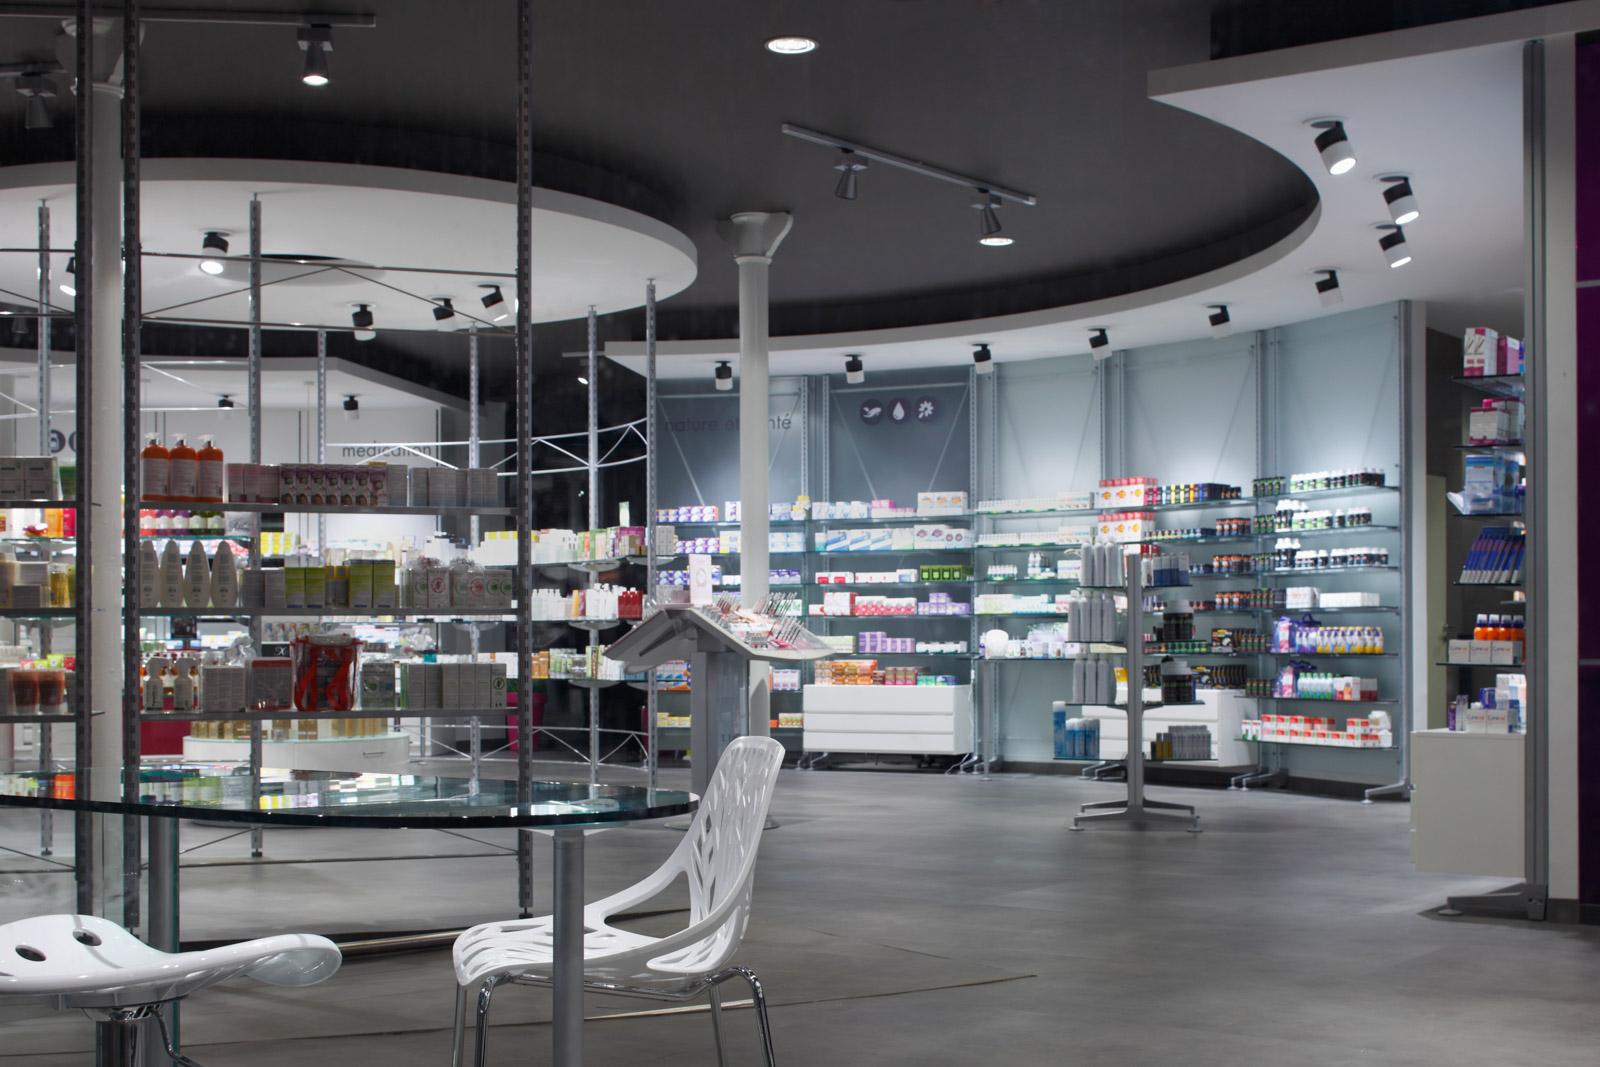 Pharmacie de la dentelle realizzazioni th kohl for Kohl arredamenti farmacie